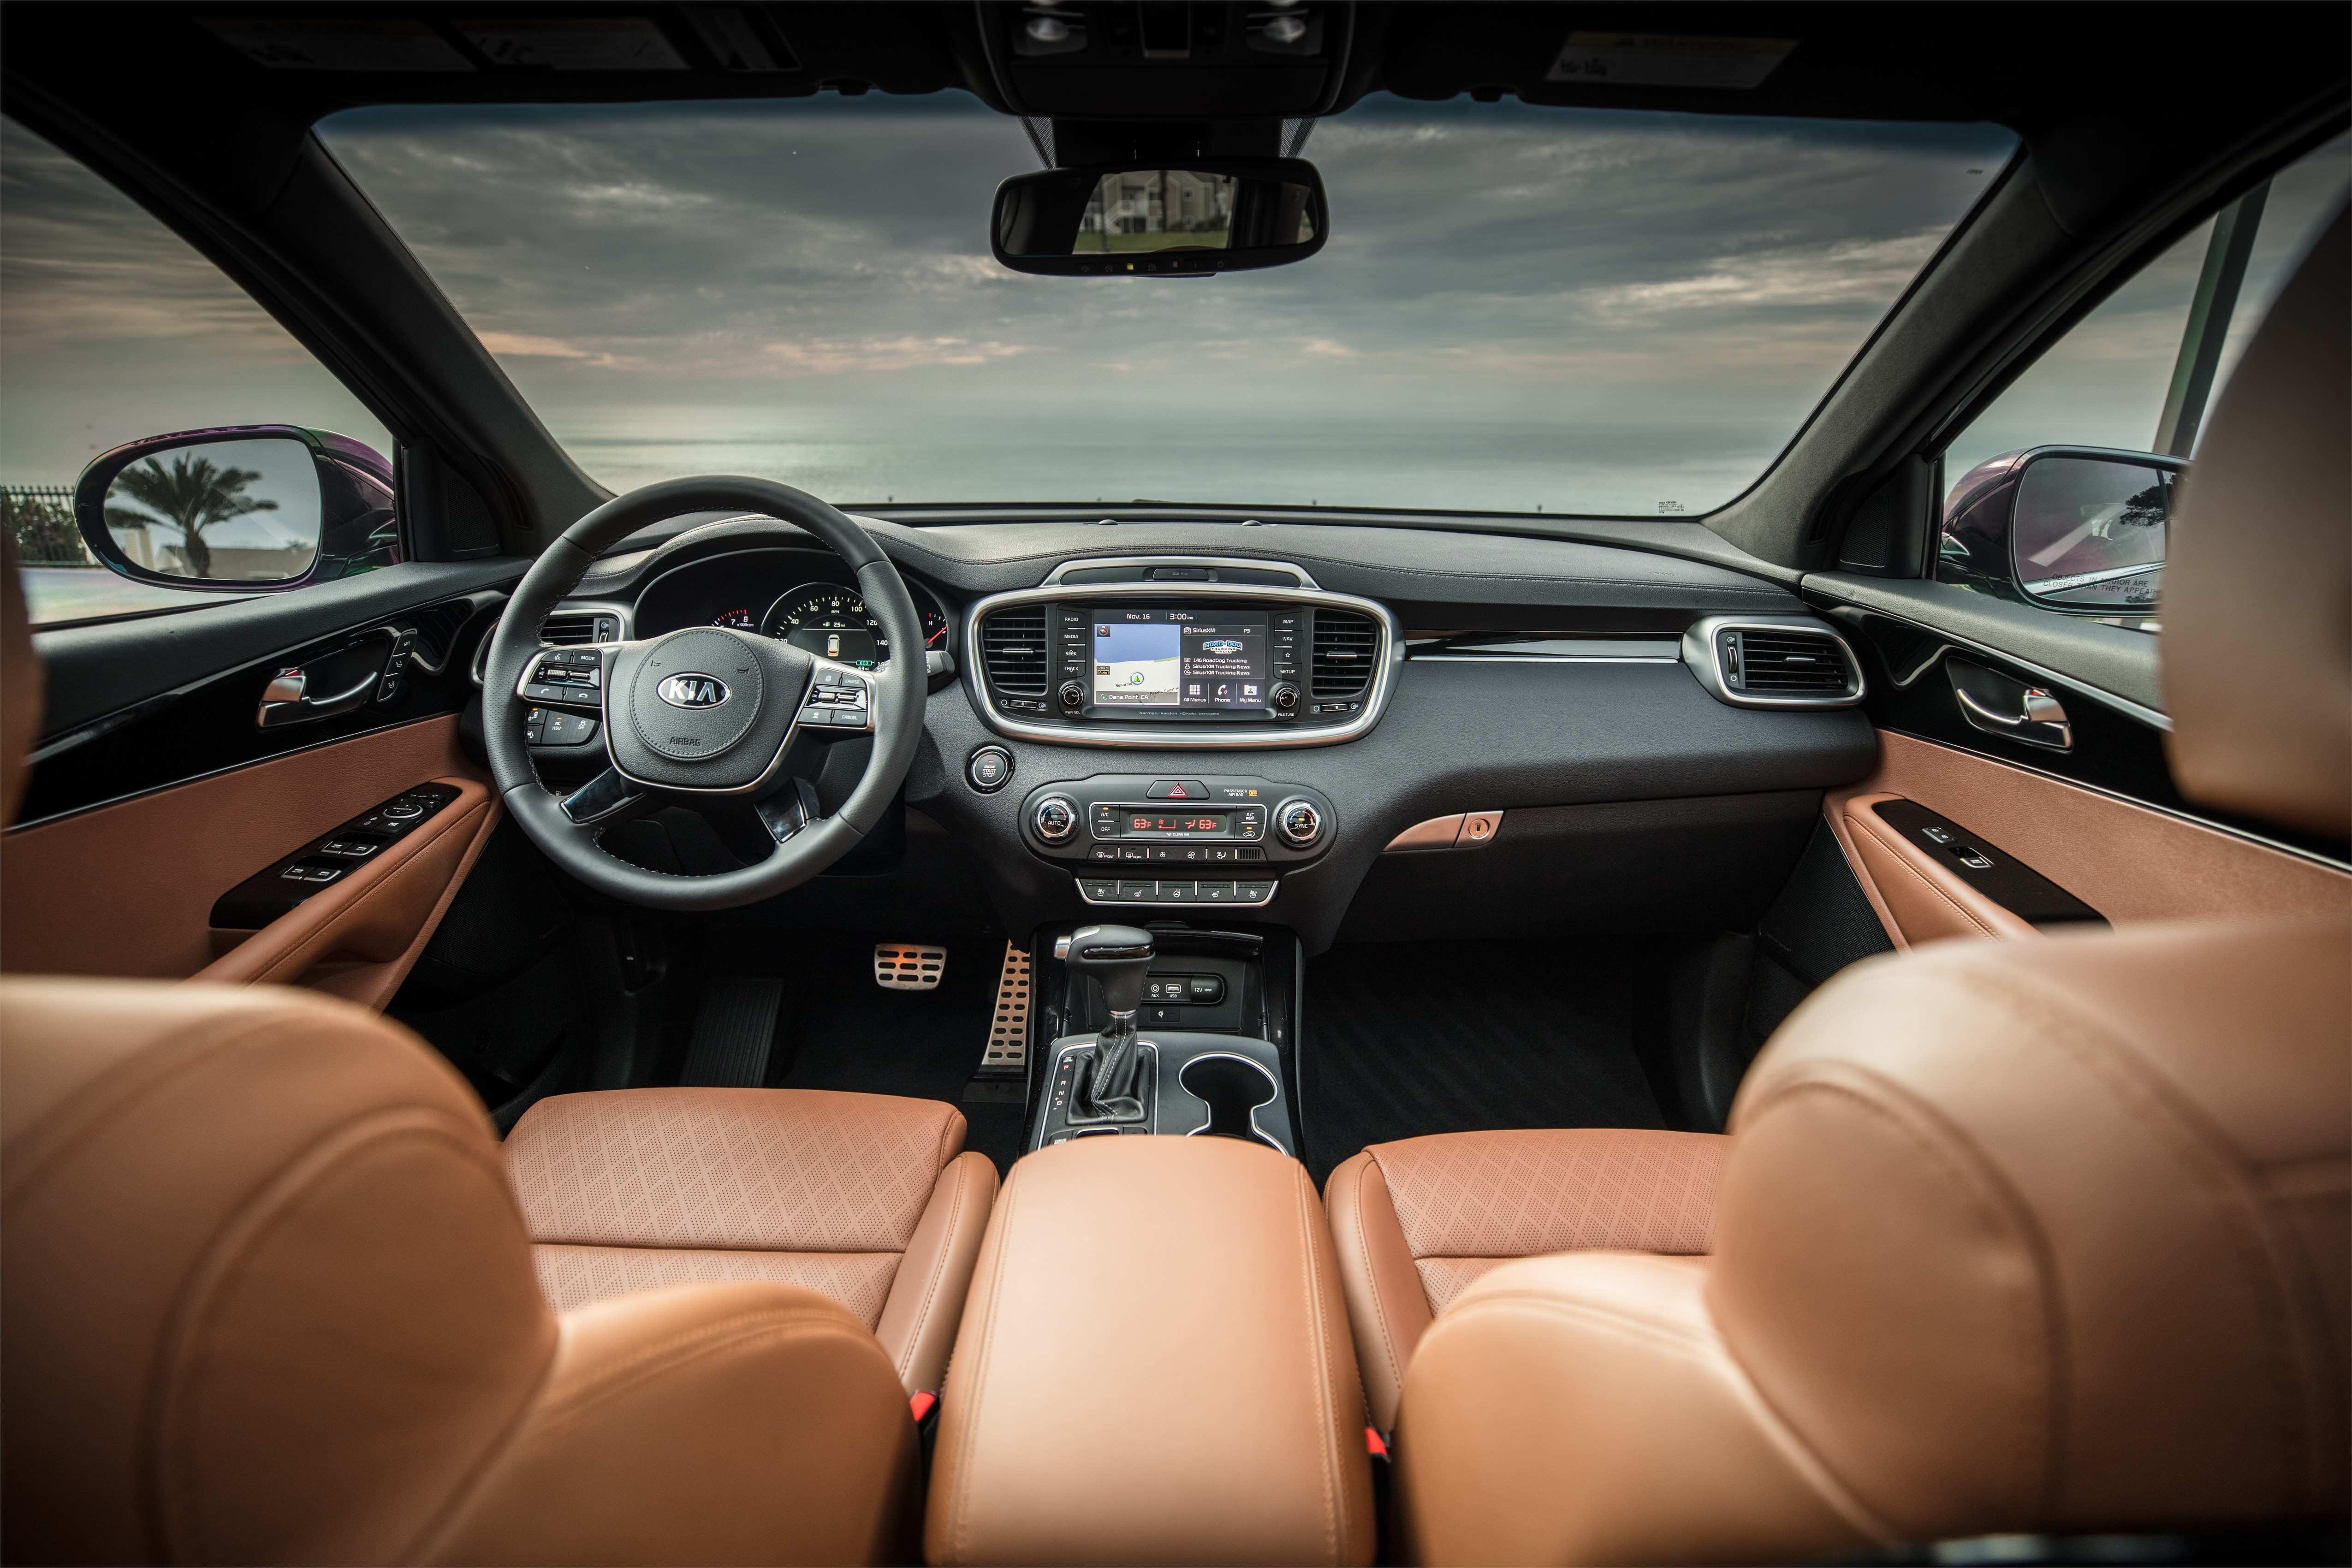 81 All New 2019 Kia Sorento Review Specs by 2019 Kia Sorento Review